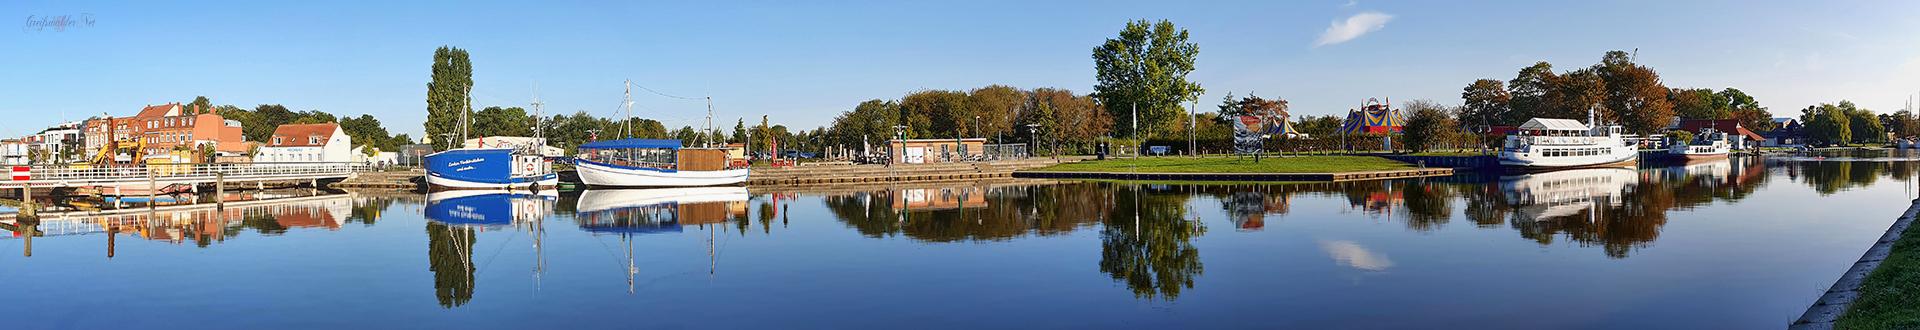 Panorama Museumshafen Greifswald